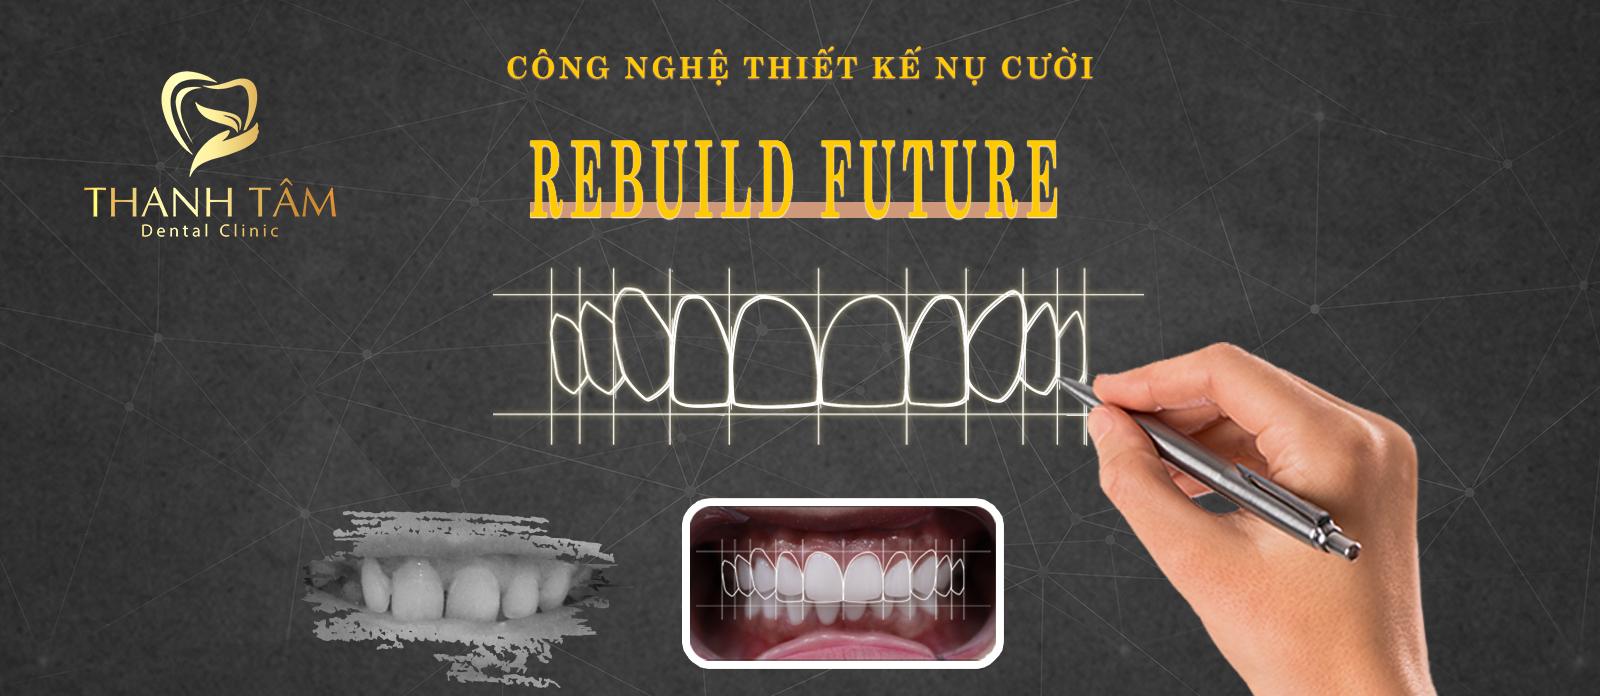 Răng sứ thẩm mỹ Rebuild Future